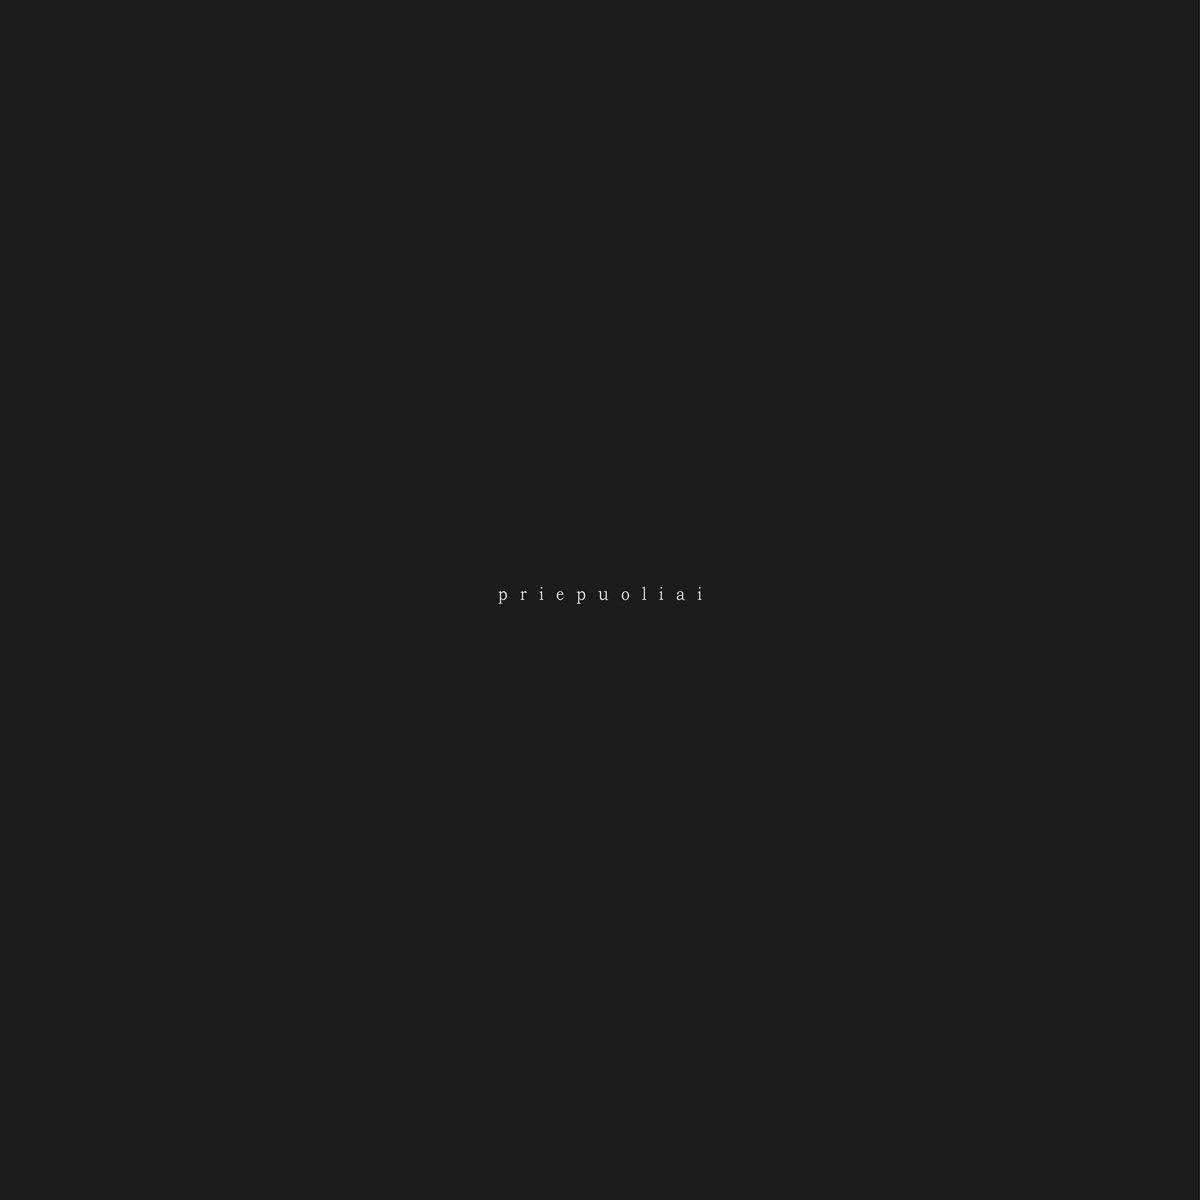 Extravaganza - Priepuoliai (2016)